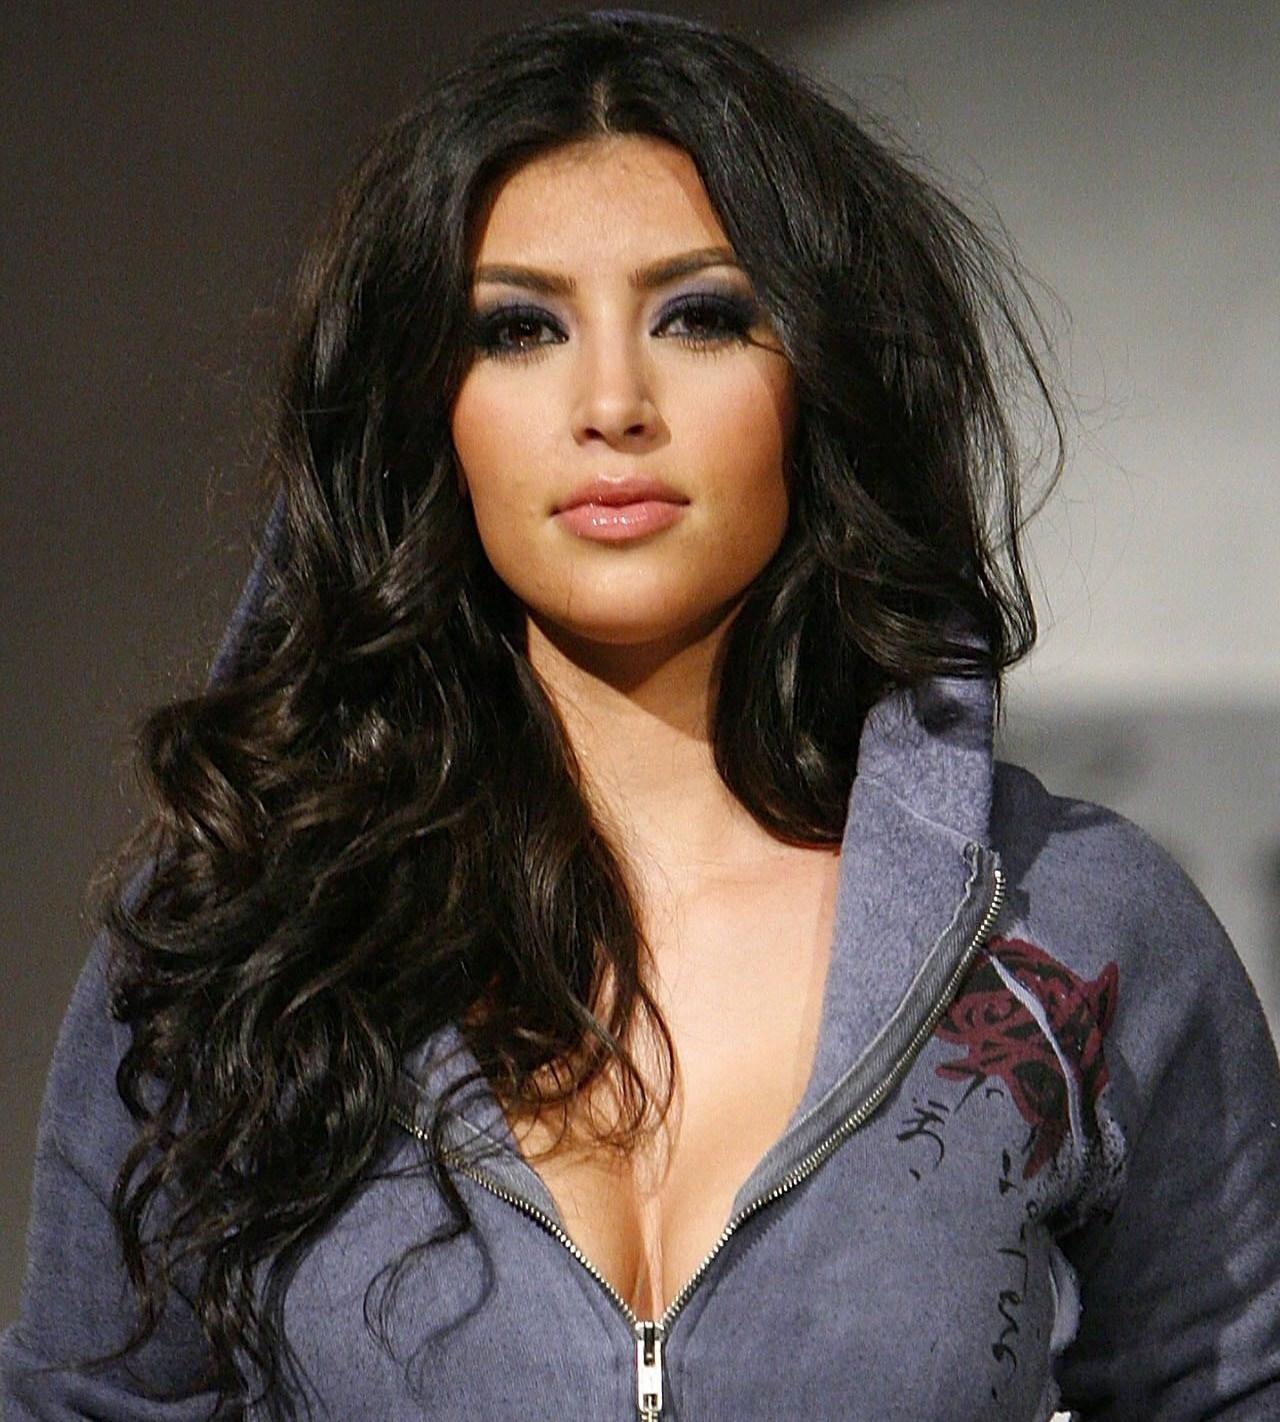 http://1.bp.blogspot.com/-1fyWd_vDW70/T41nVzoMyyI/AAAAAAAAFGE/LkHLlyd96Lo/s1600/Kim-Kardashian-2012-belleza-y-moda.jpg